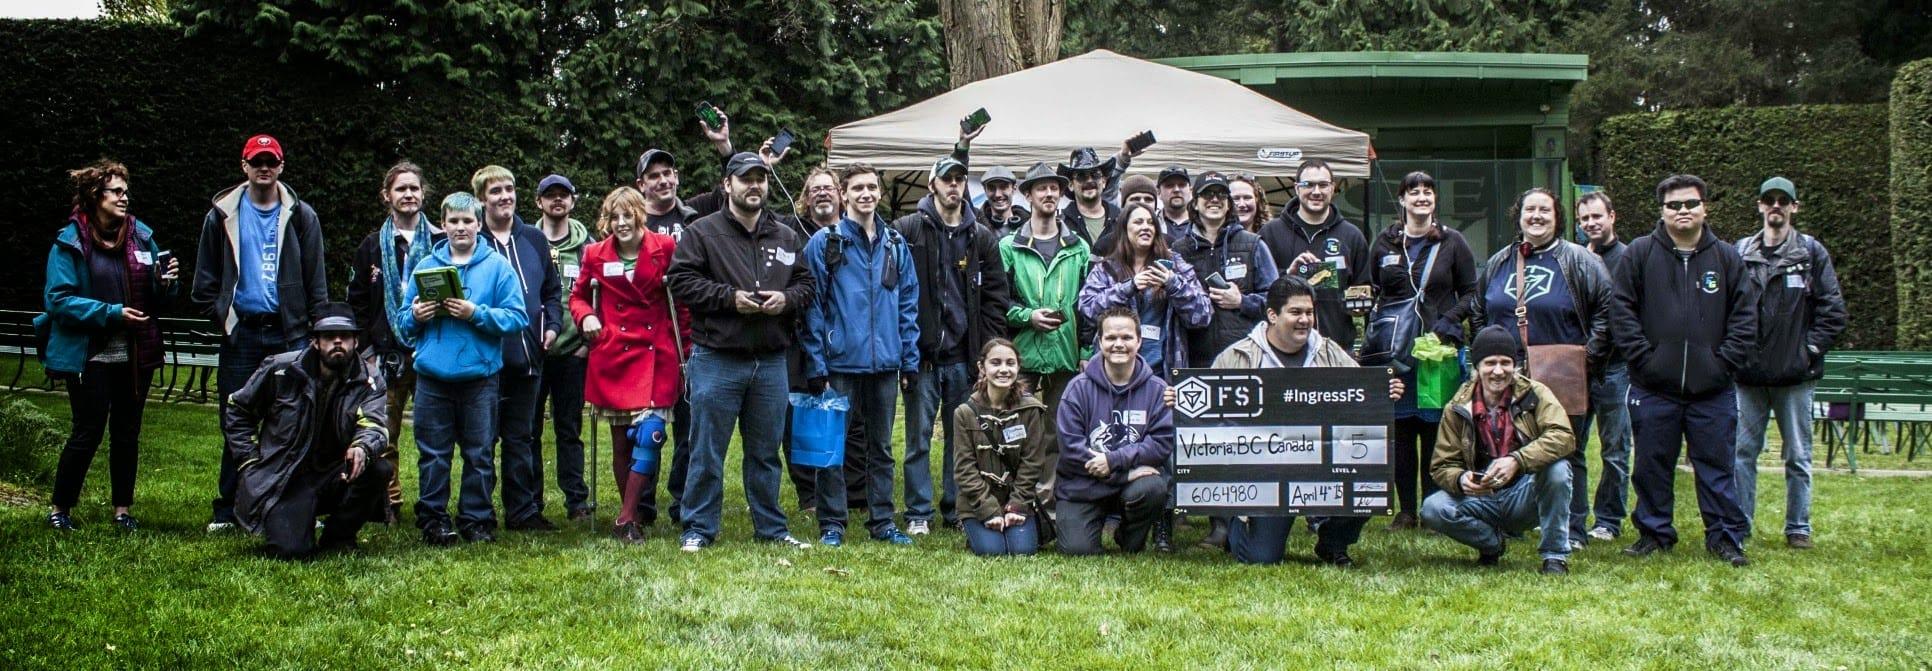 IFS group photo